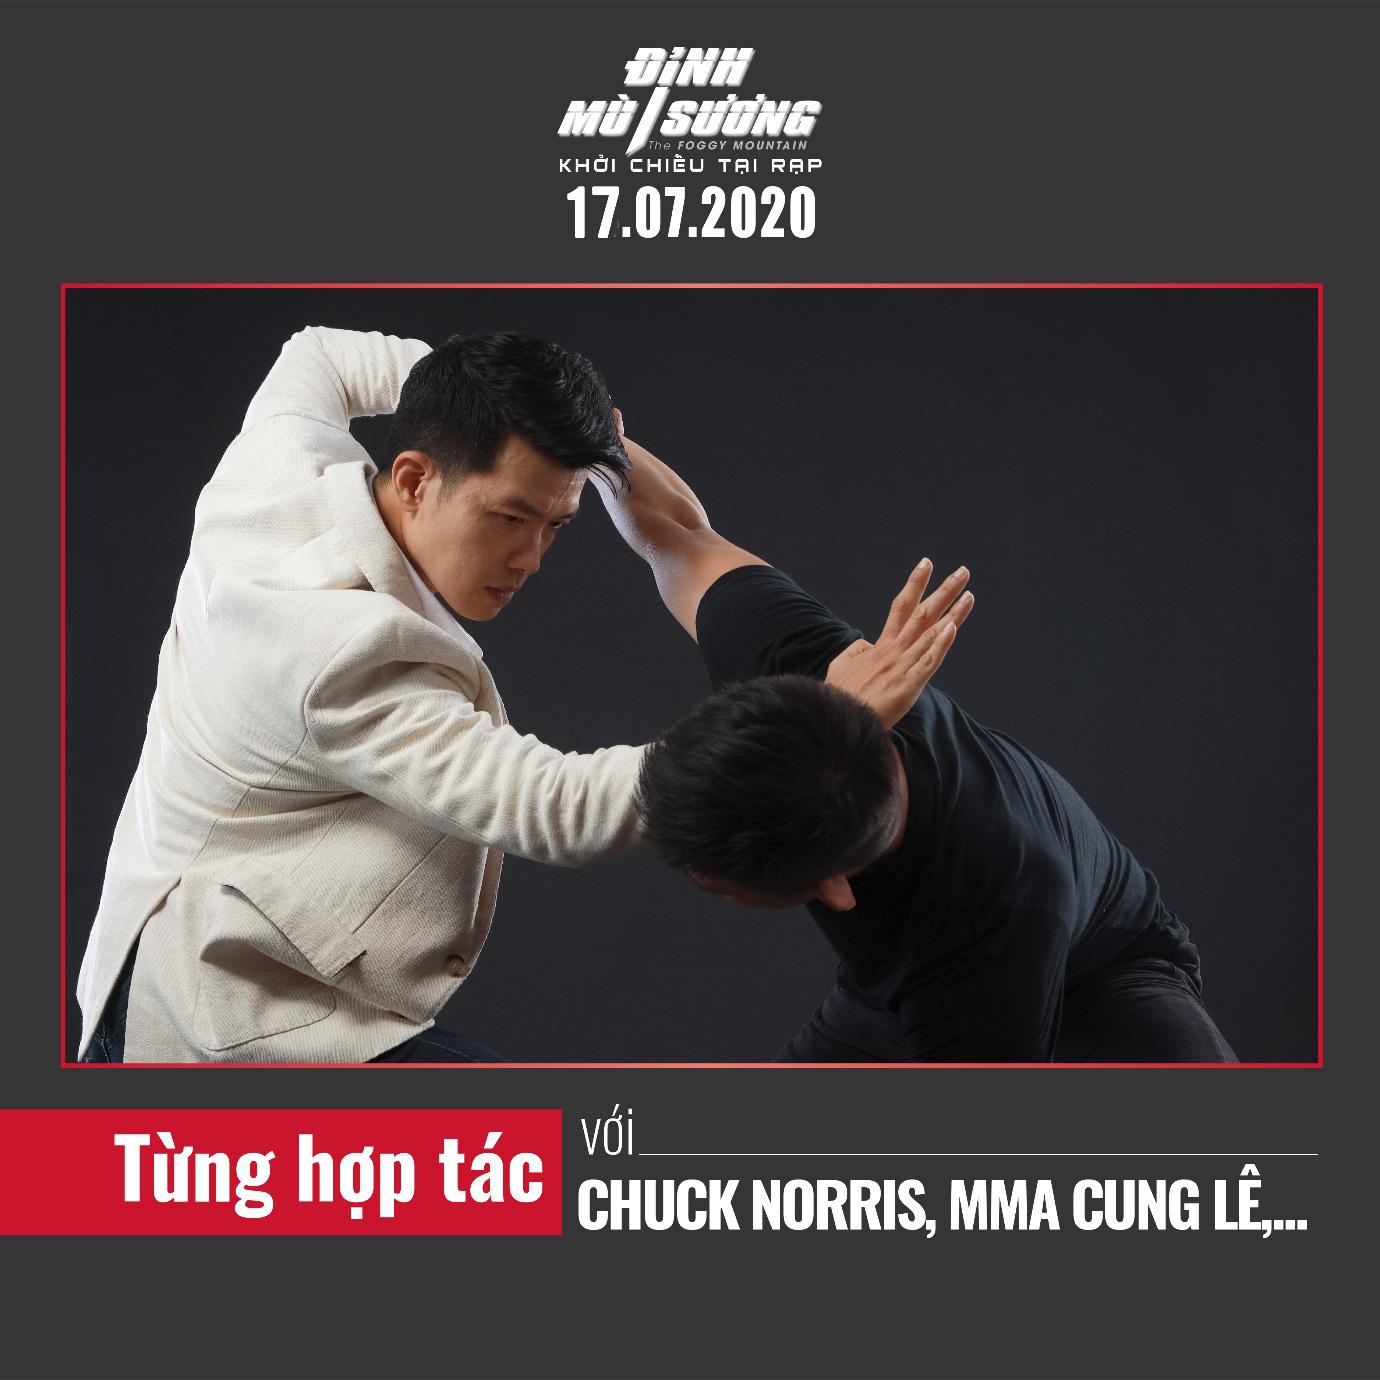 Đỉnh Mù Sương - bộ phim hội tụ những ngôi sao võ thuật châu Á chinh phục khán giả vì lý do gì? - Ảnh 4.